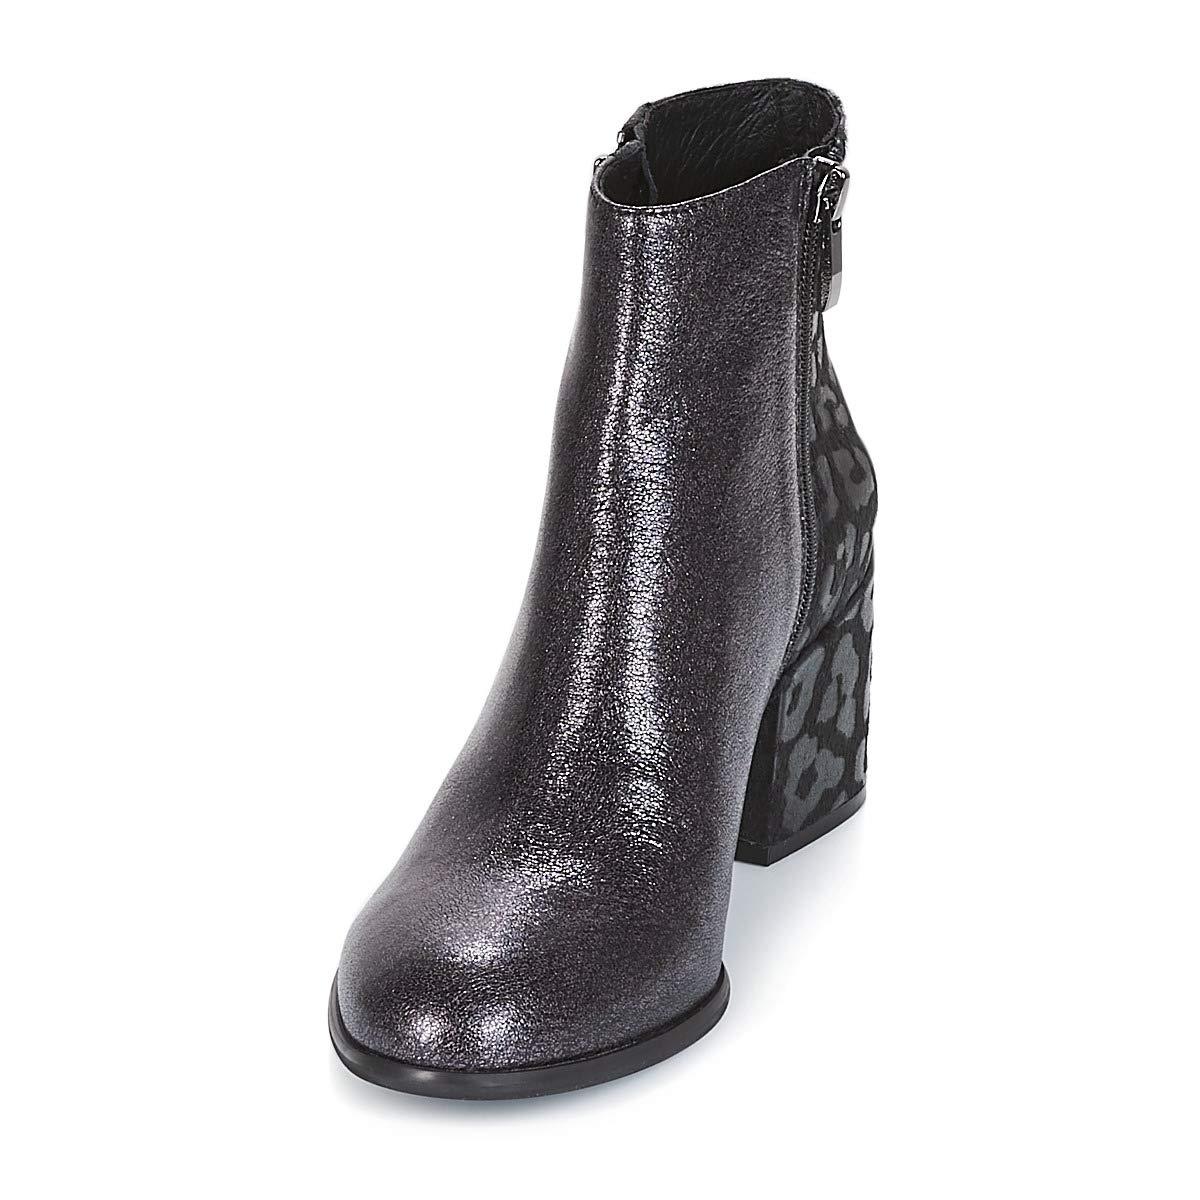 CAFÉ schwarz schwarz schwarz damen GRAUDE Schwarz Low Stiefel c98576